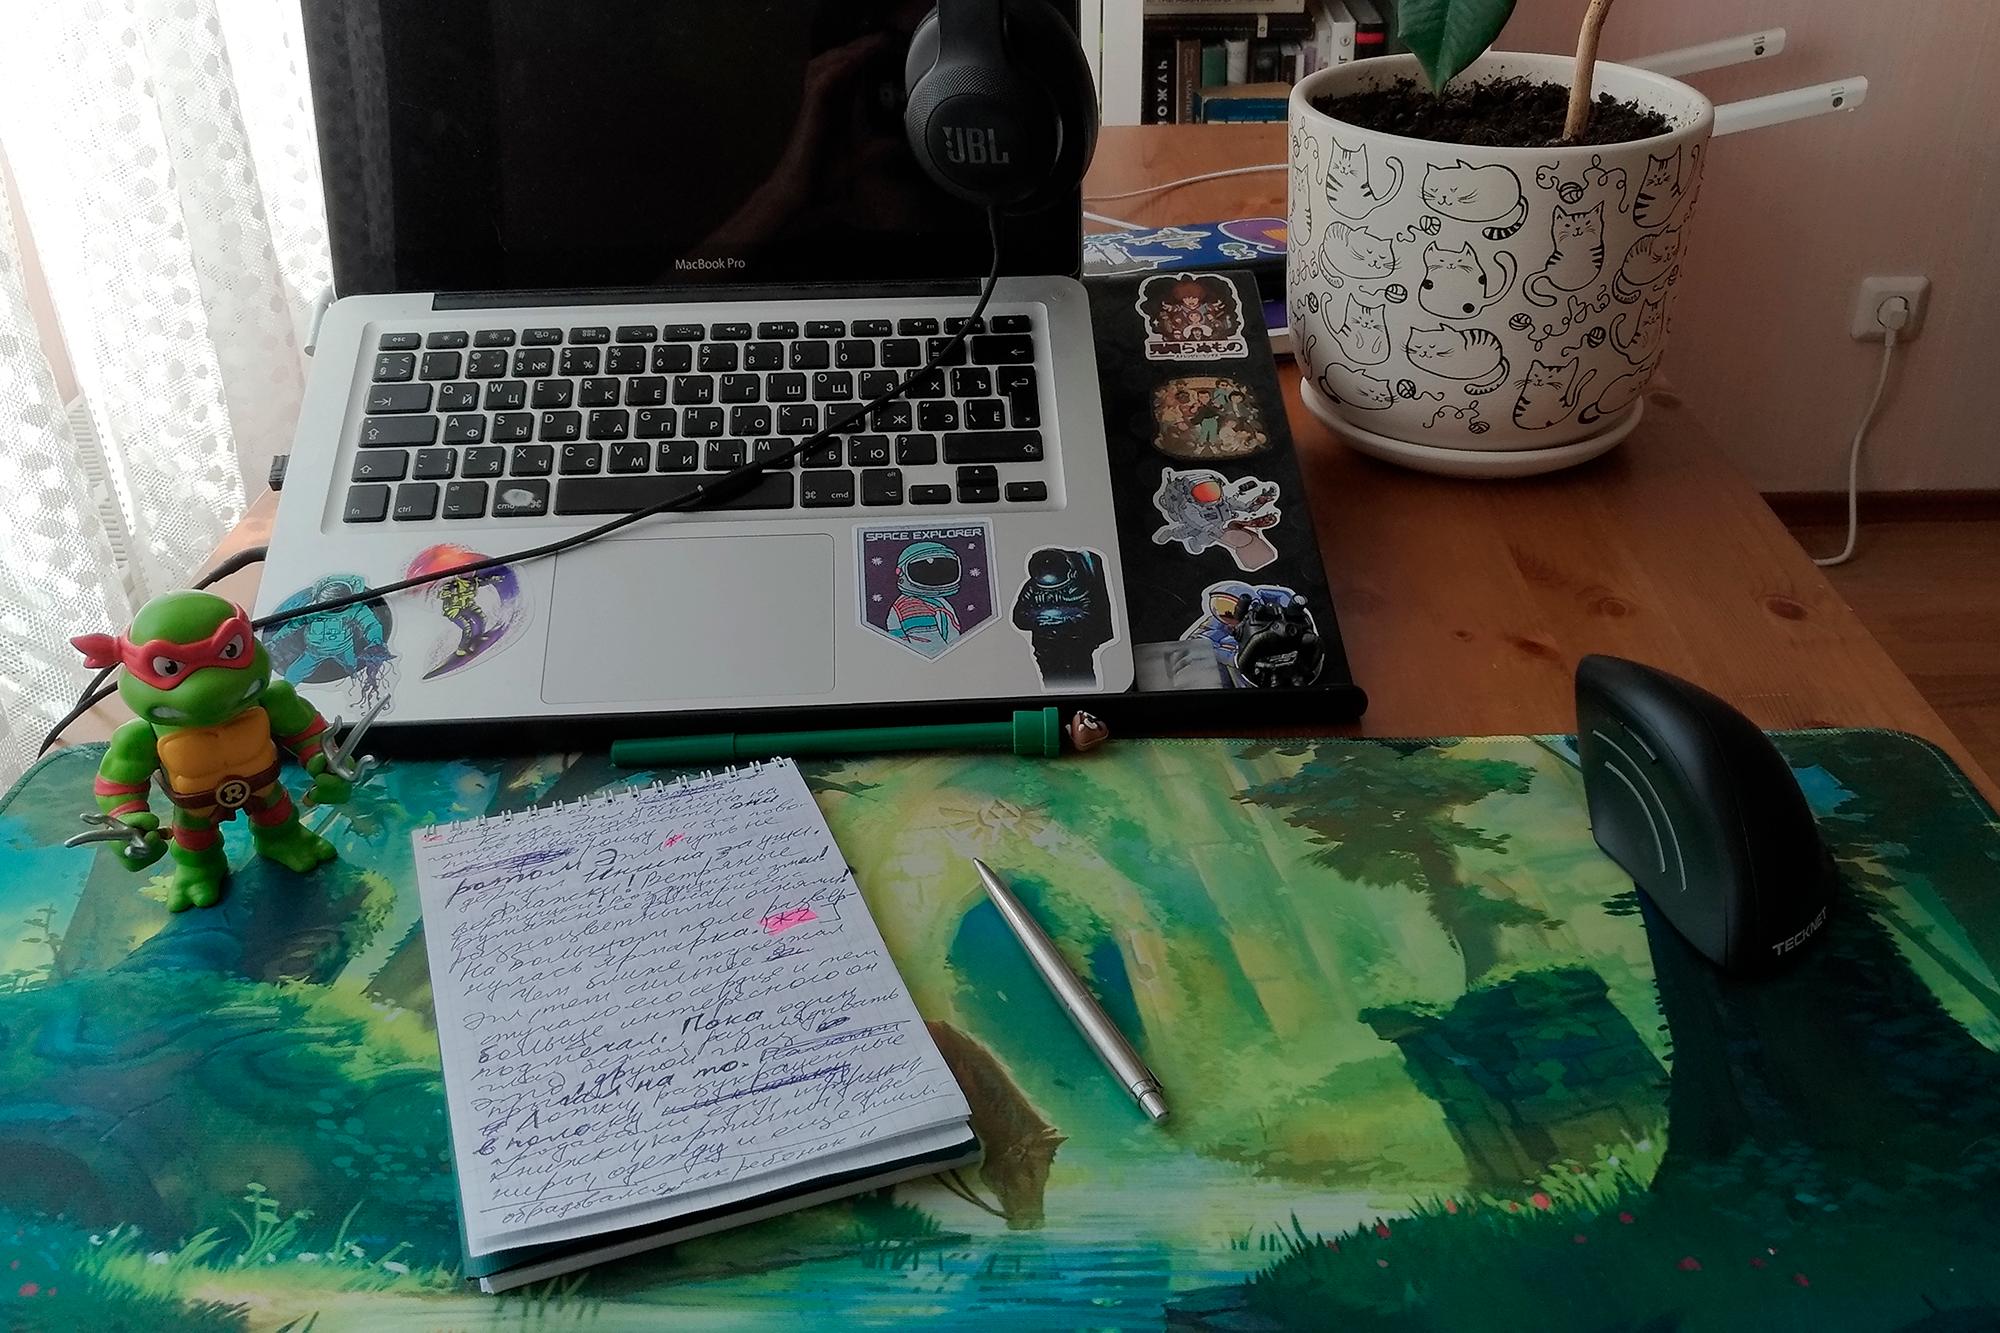 Иногда я пишу, как Пушкин завещал, от руки в блокноте. Это Рафаэль. Он помогает мне оставаться в режиме писателя, а не редактора, и выдавать больше слов за сессию. Если я скатываюсь в редактуру, он колет меня в палец своими саями